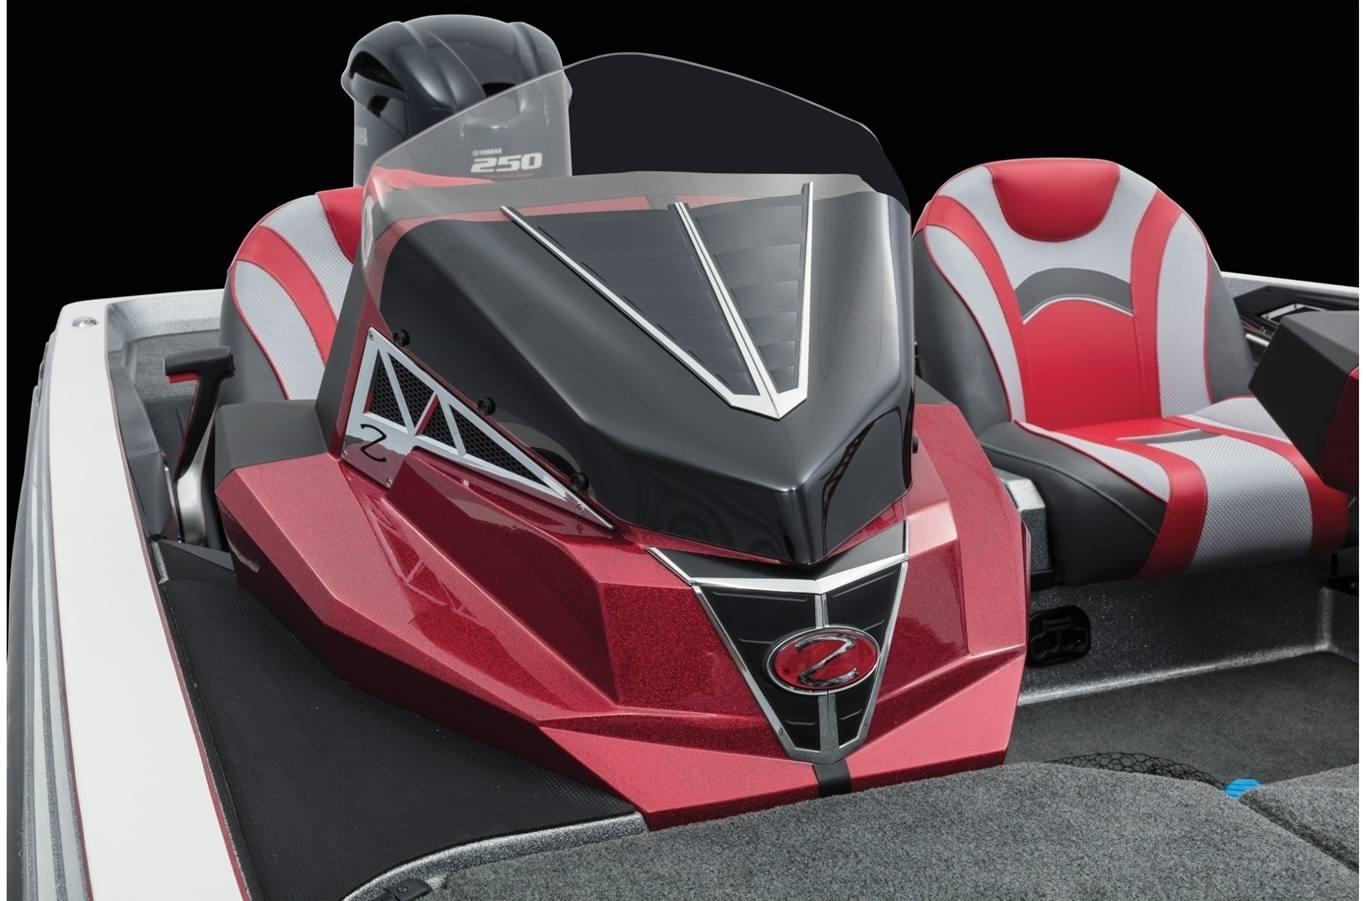 2019 Ranger Z520L for sale in Casper, WY  Driven Powersports